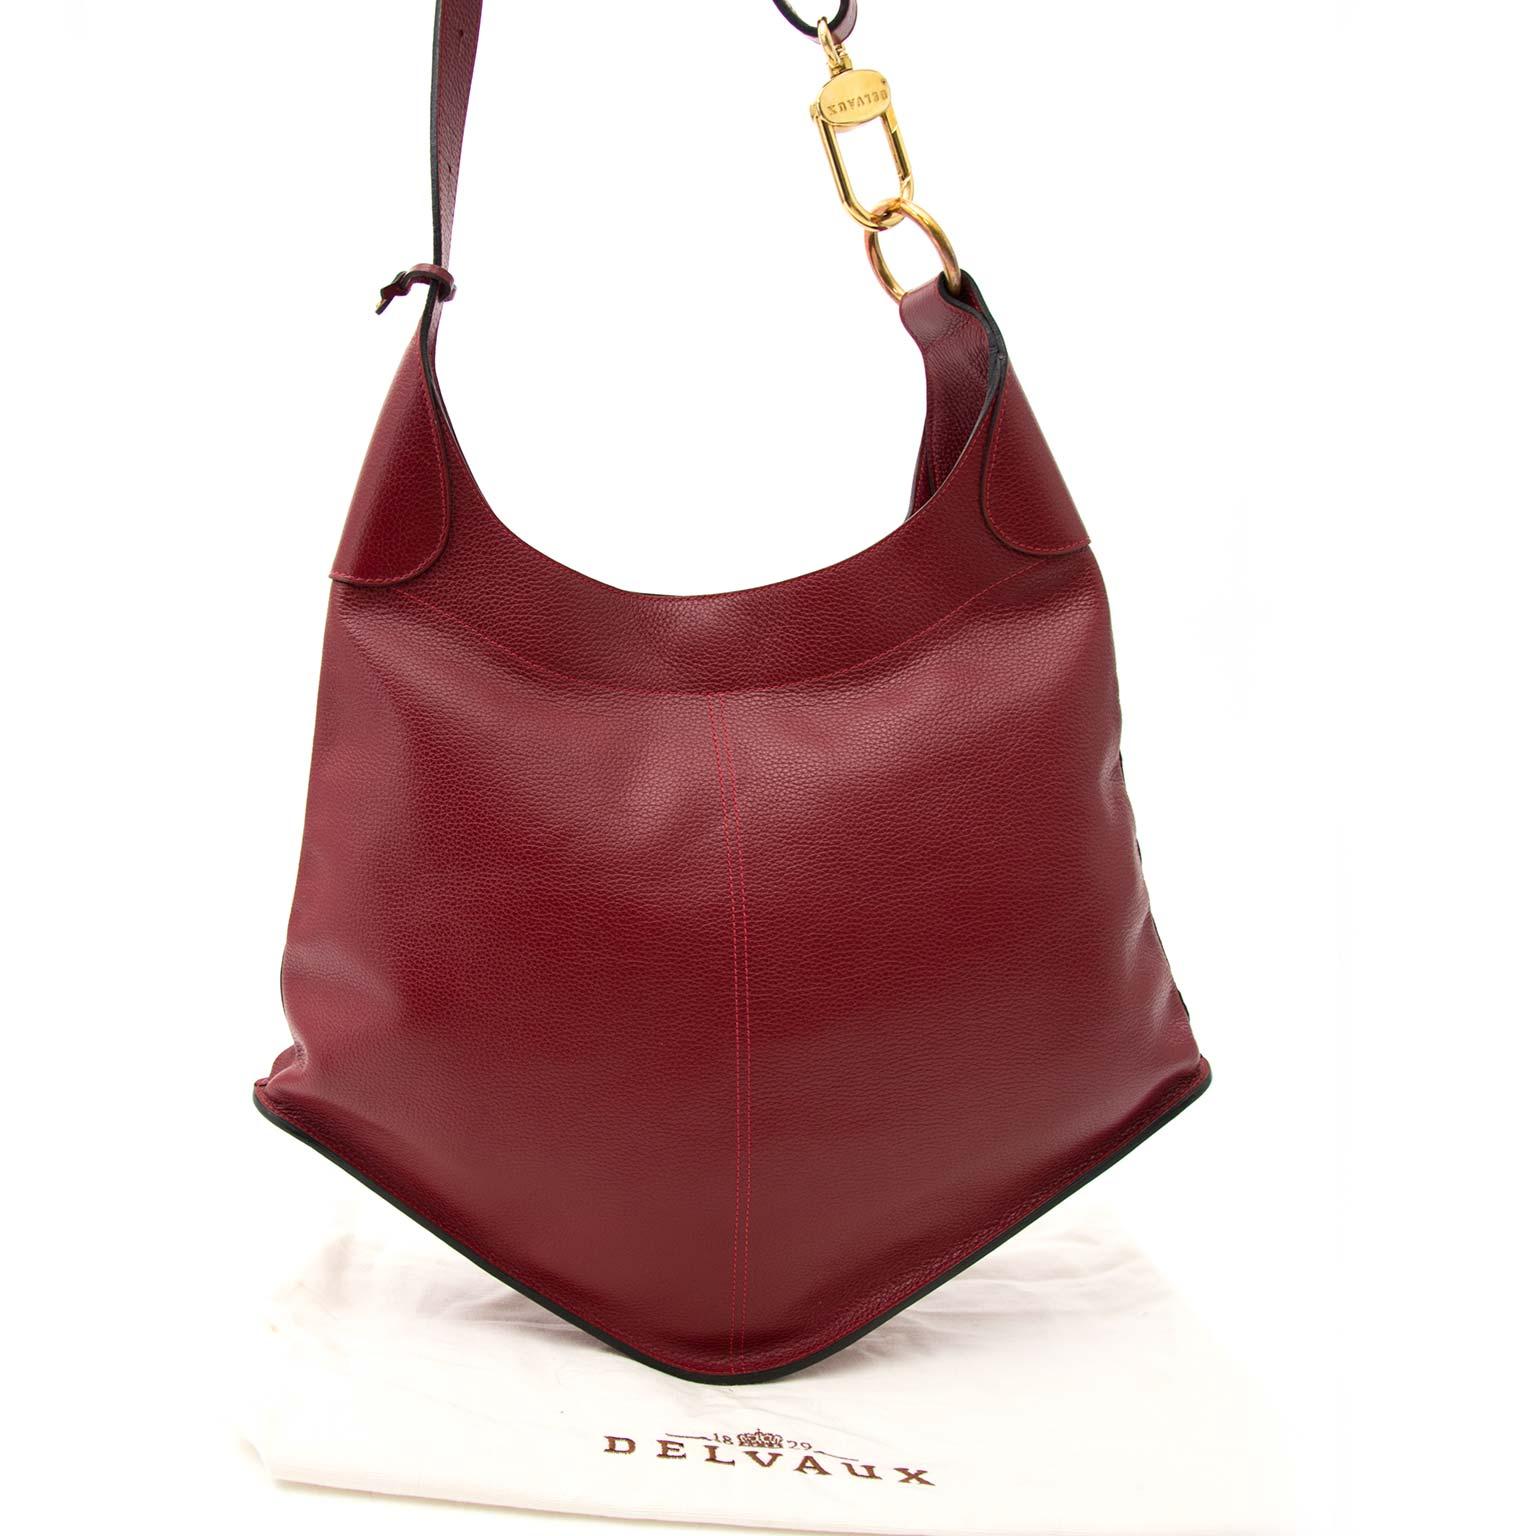 koop veilig online tegen de beste prijs Delvaux Red Satan Shoulder Bag